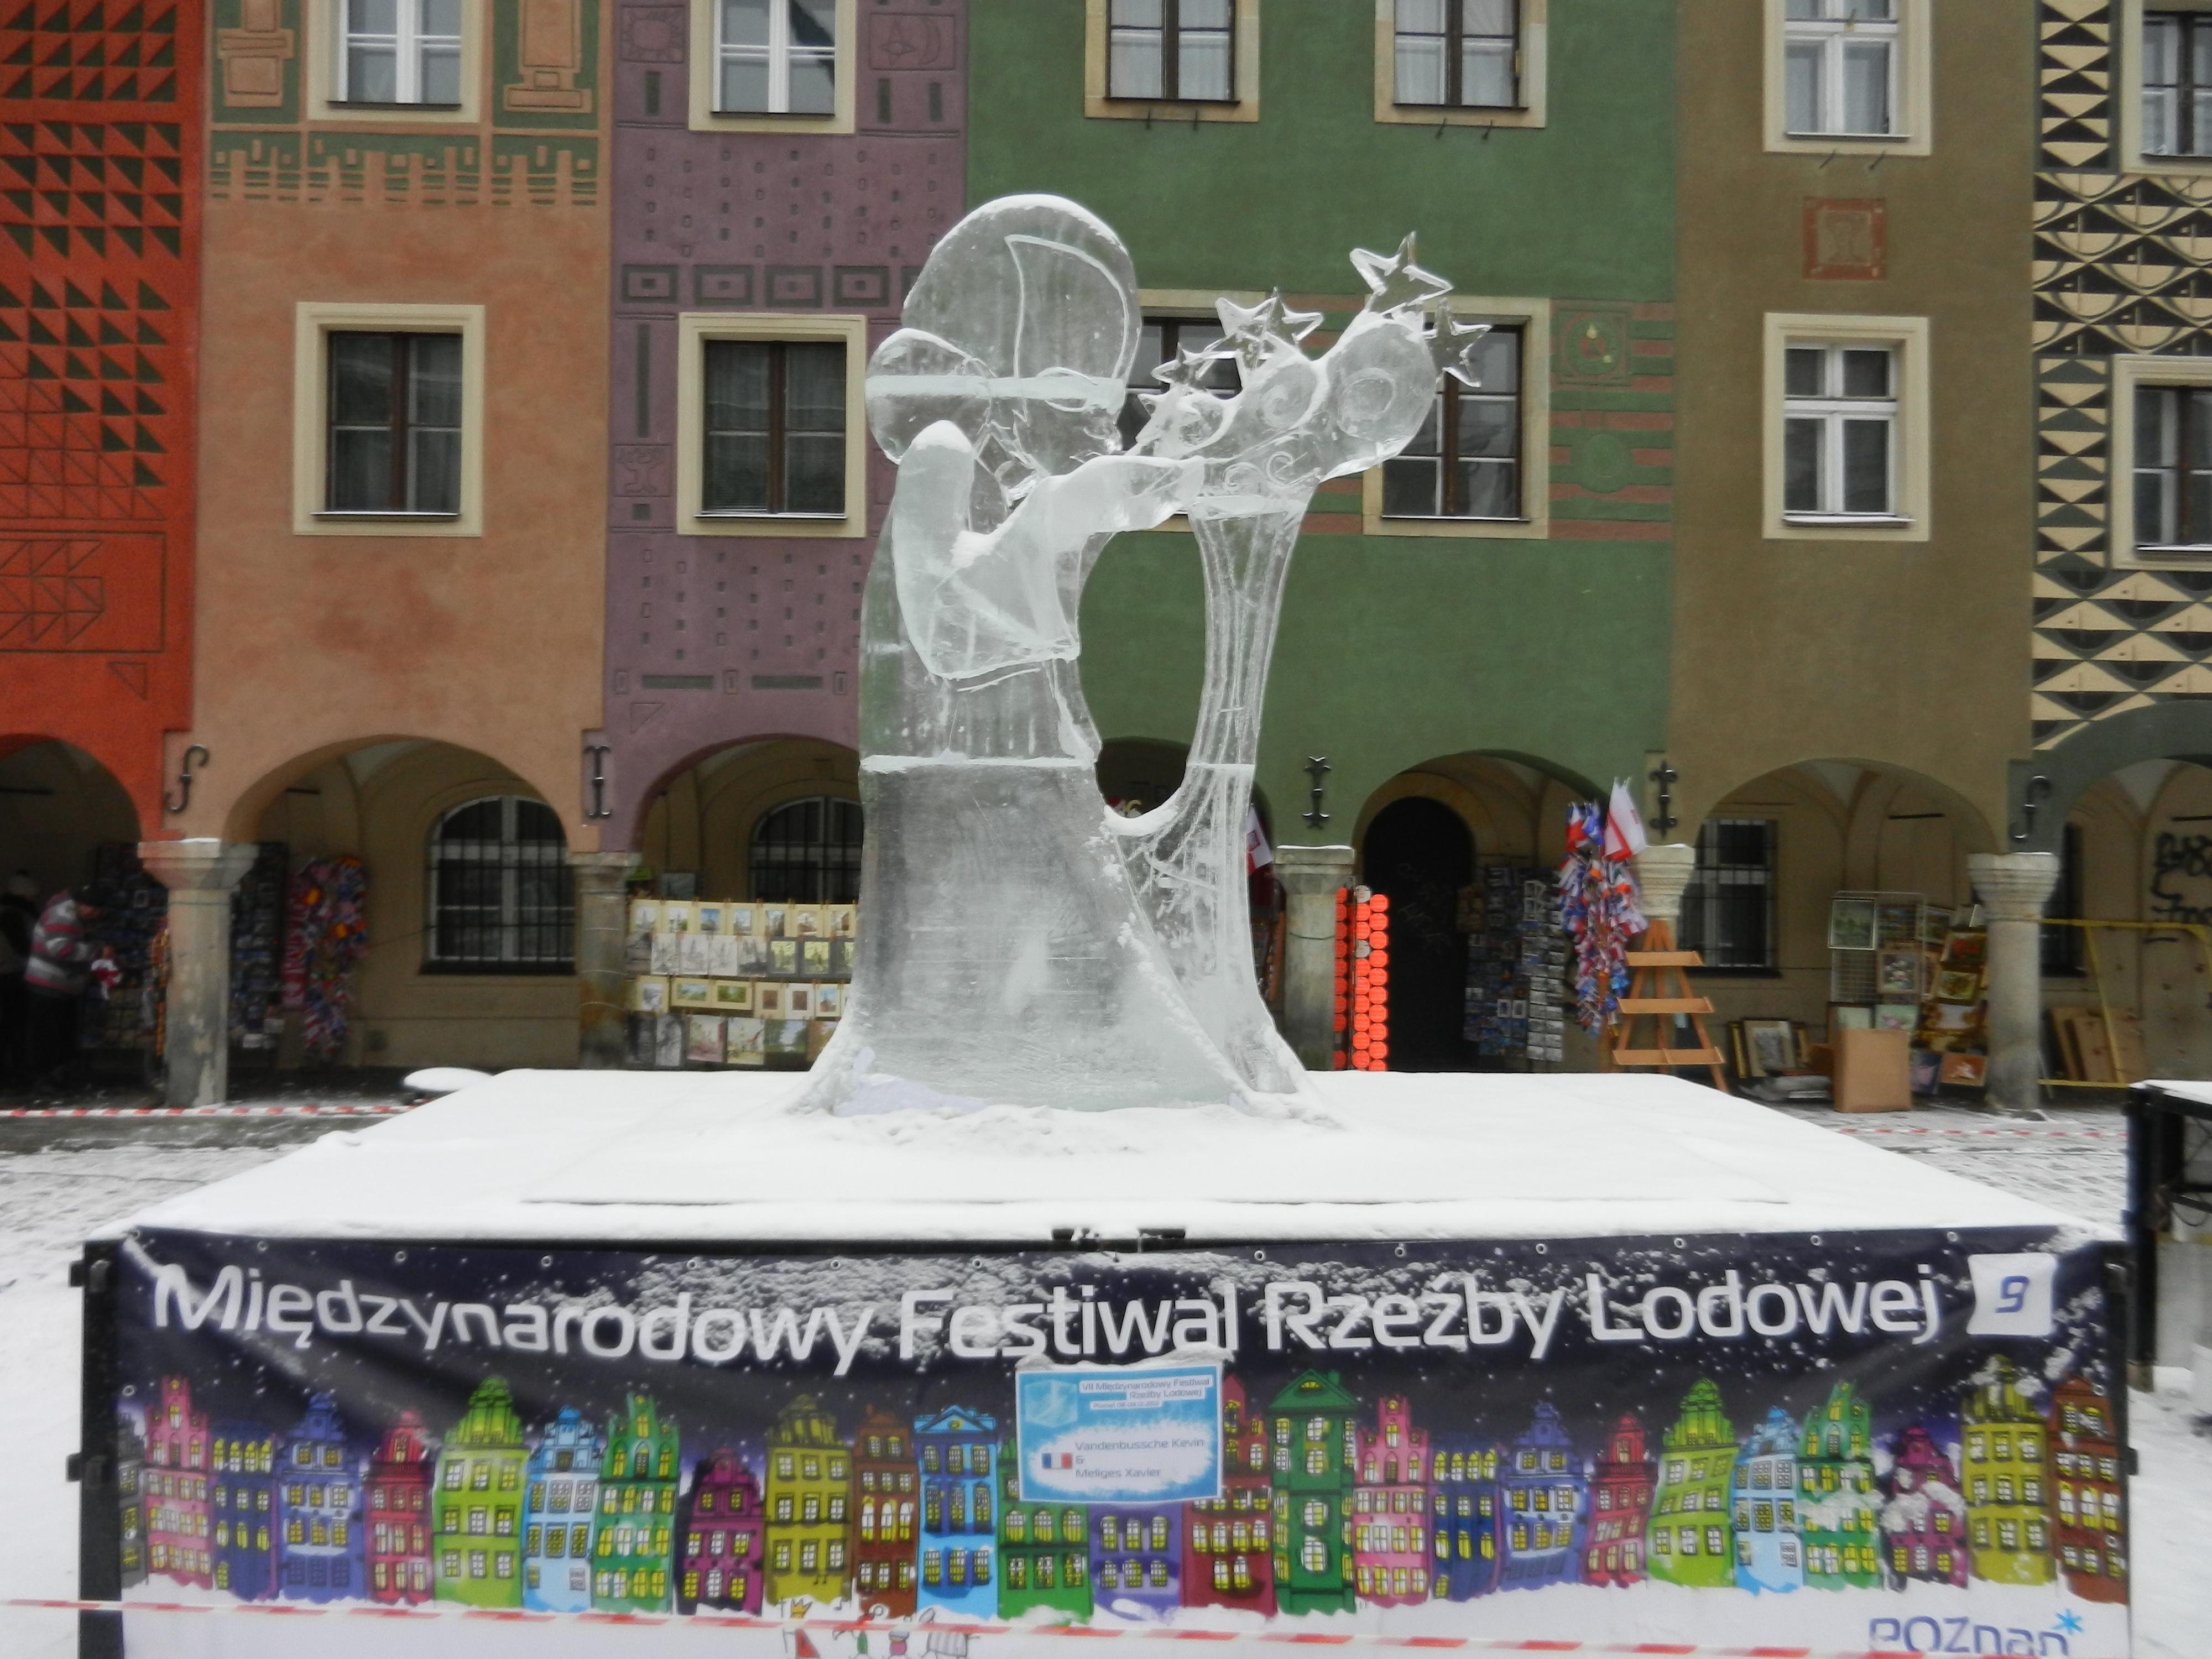 Poznàn concours 2012